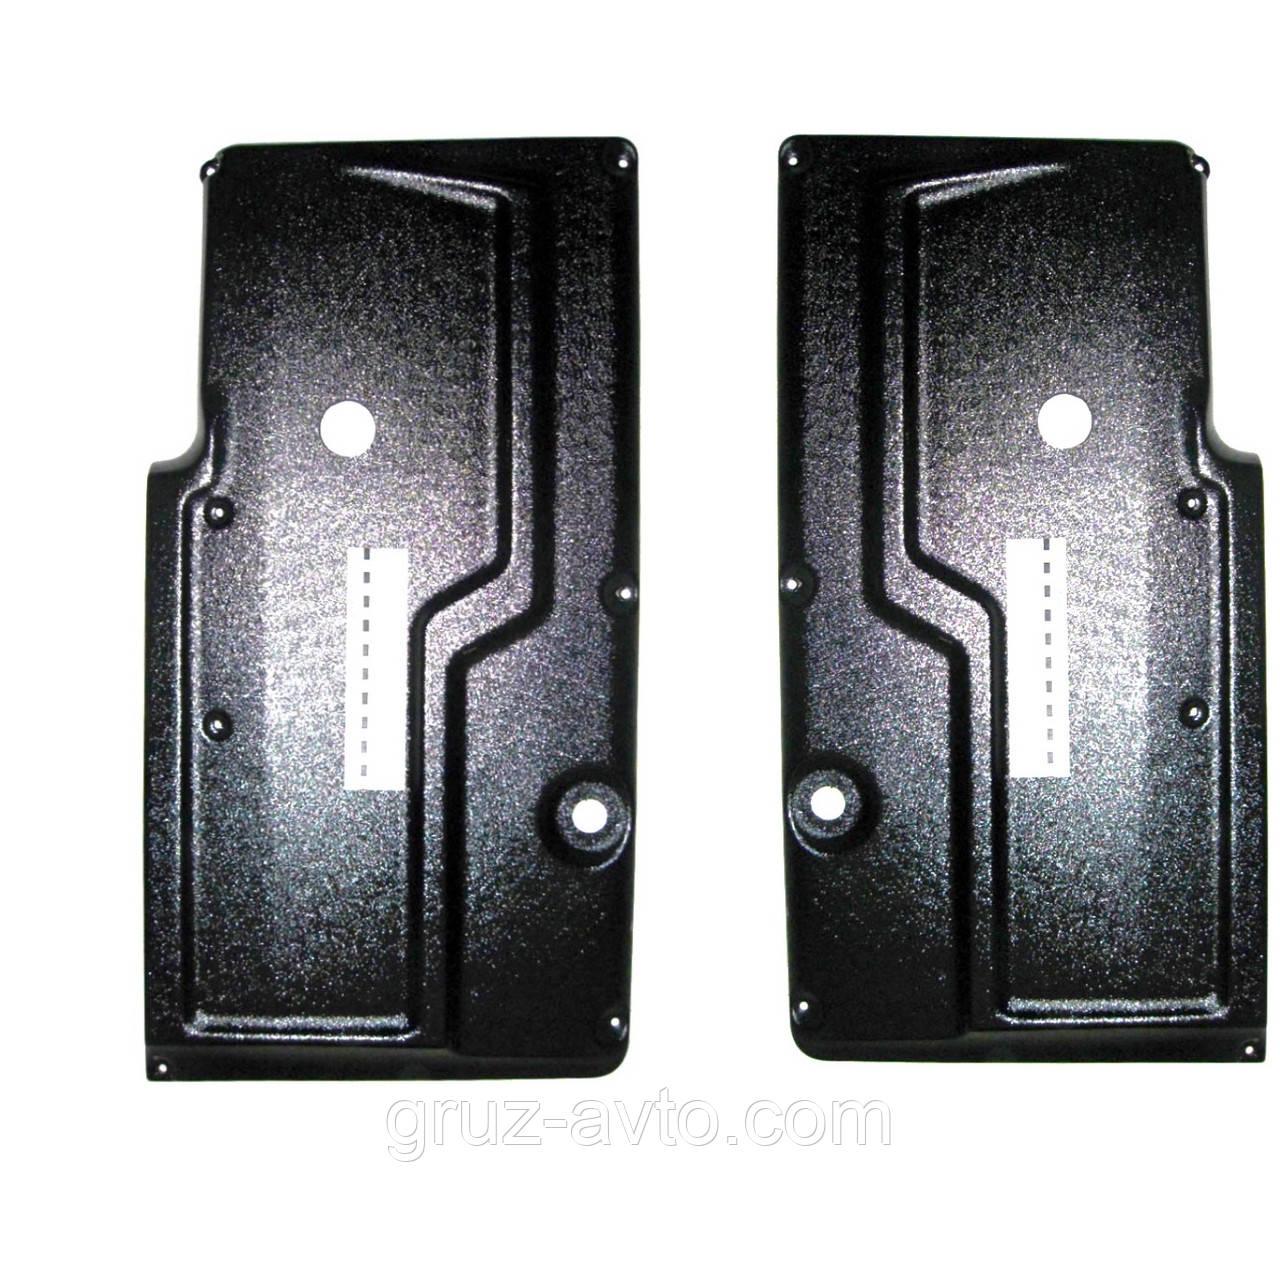 Накладка двери камаз-5320 старого образца или обшивка двери комплект 2 шт правая и левая / 5320-6101054/55